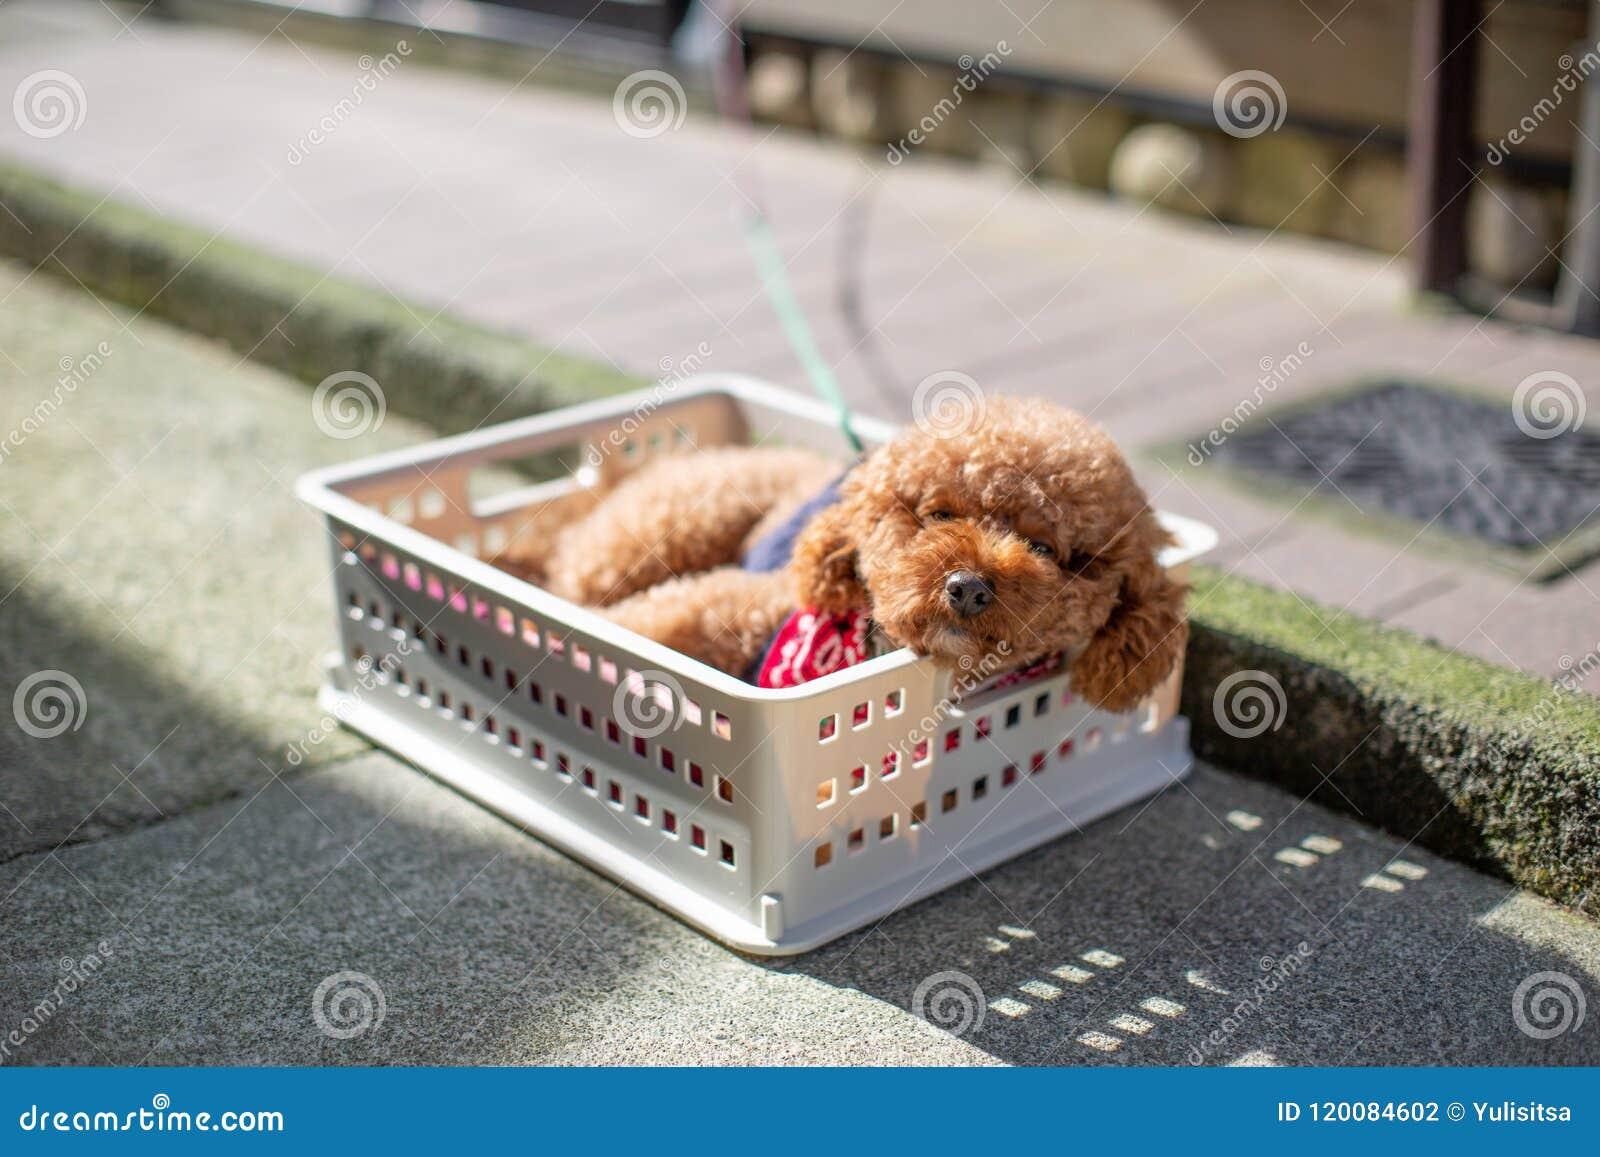 Ein Hund steht am Sommertag still